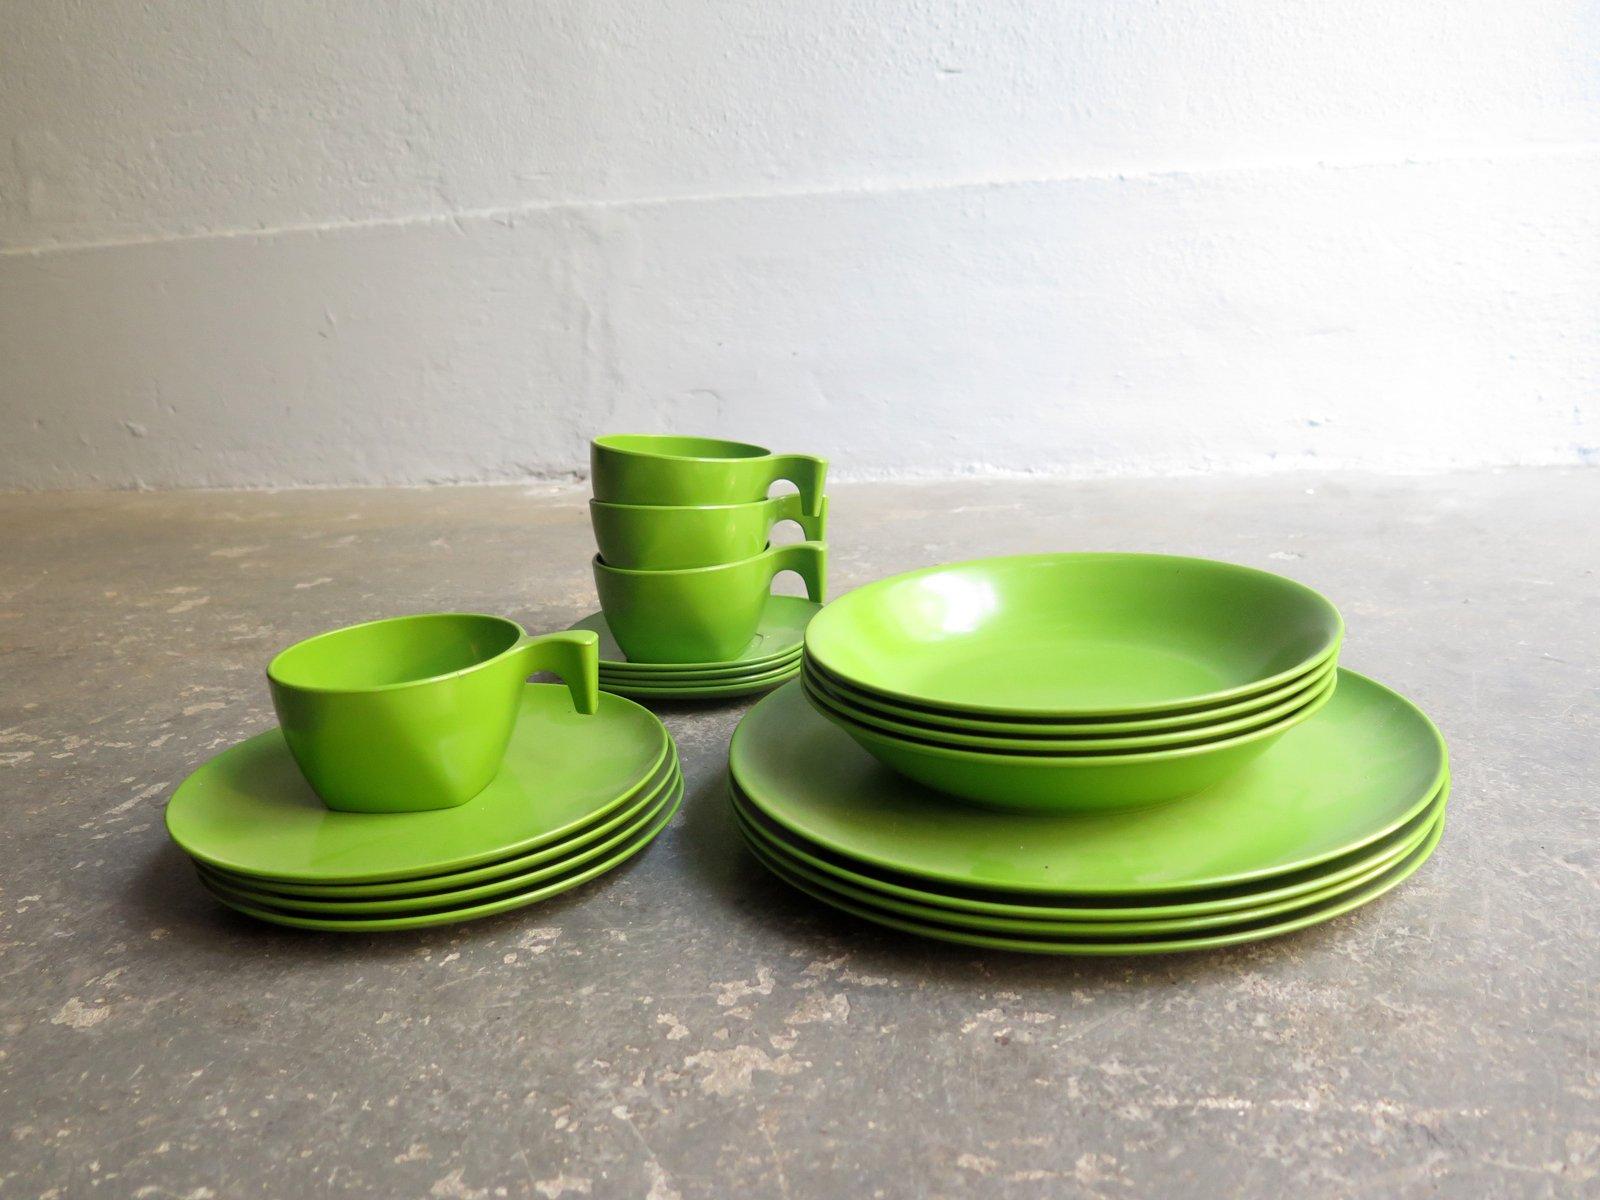 Green Melamine Modernist Tableware Set & Green Melamine Modernist Tableware Set for sale at Pamono